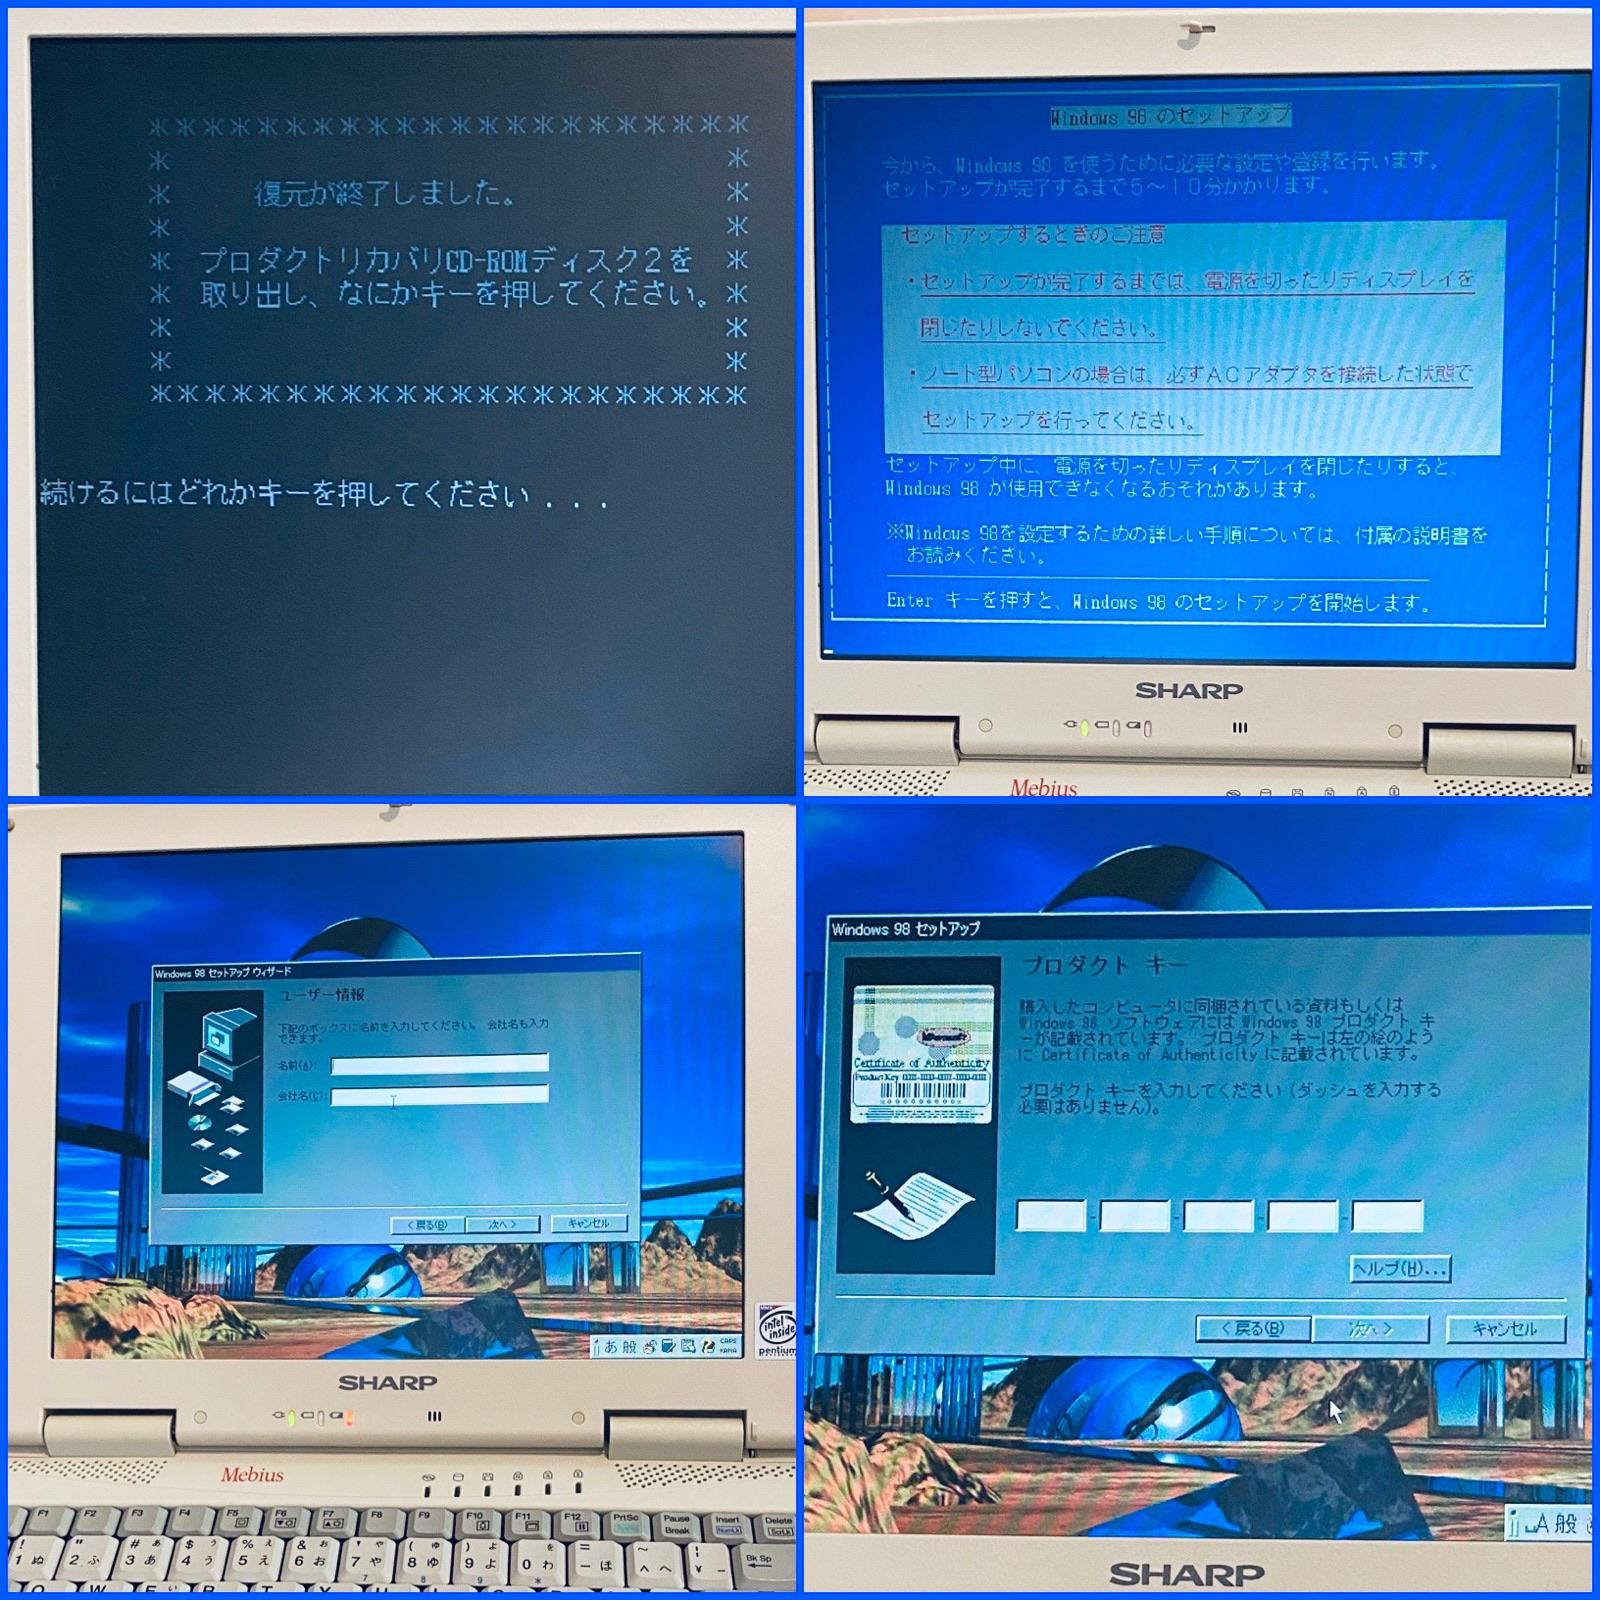 SHARP Mebius MN-385-D4 リカバリして Windows 98 のセットアップへ。プロダクトキーの入力なつかしい(*´∀`) https://t.co/lgzRD3cJ00